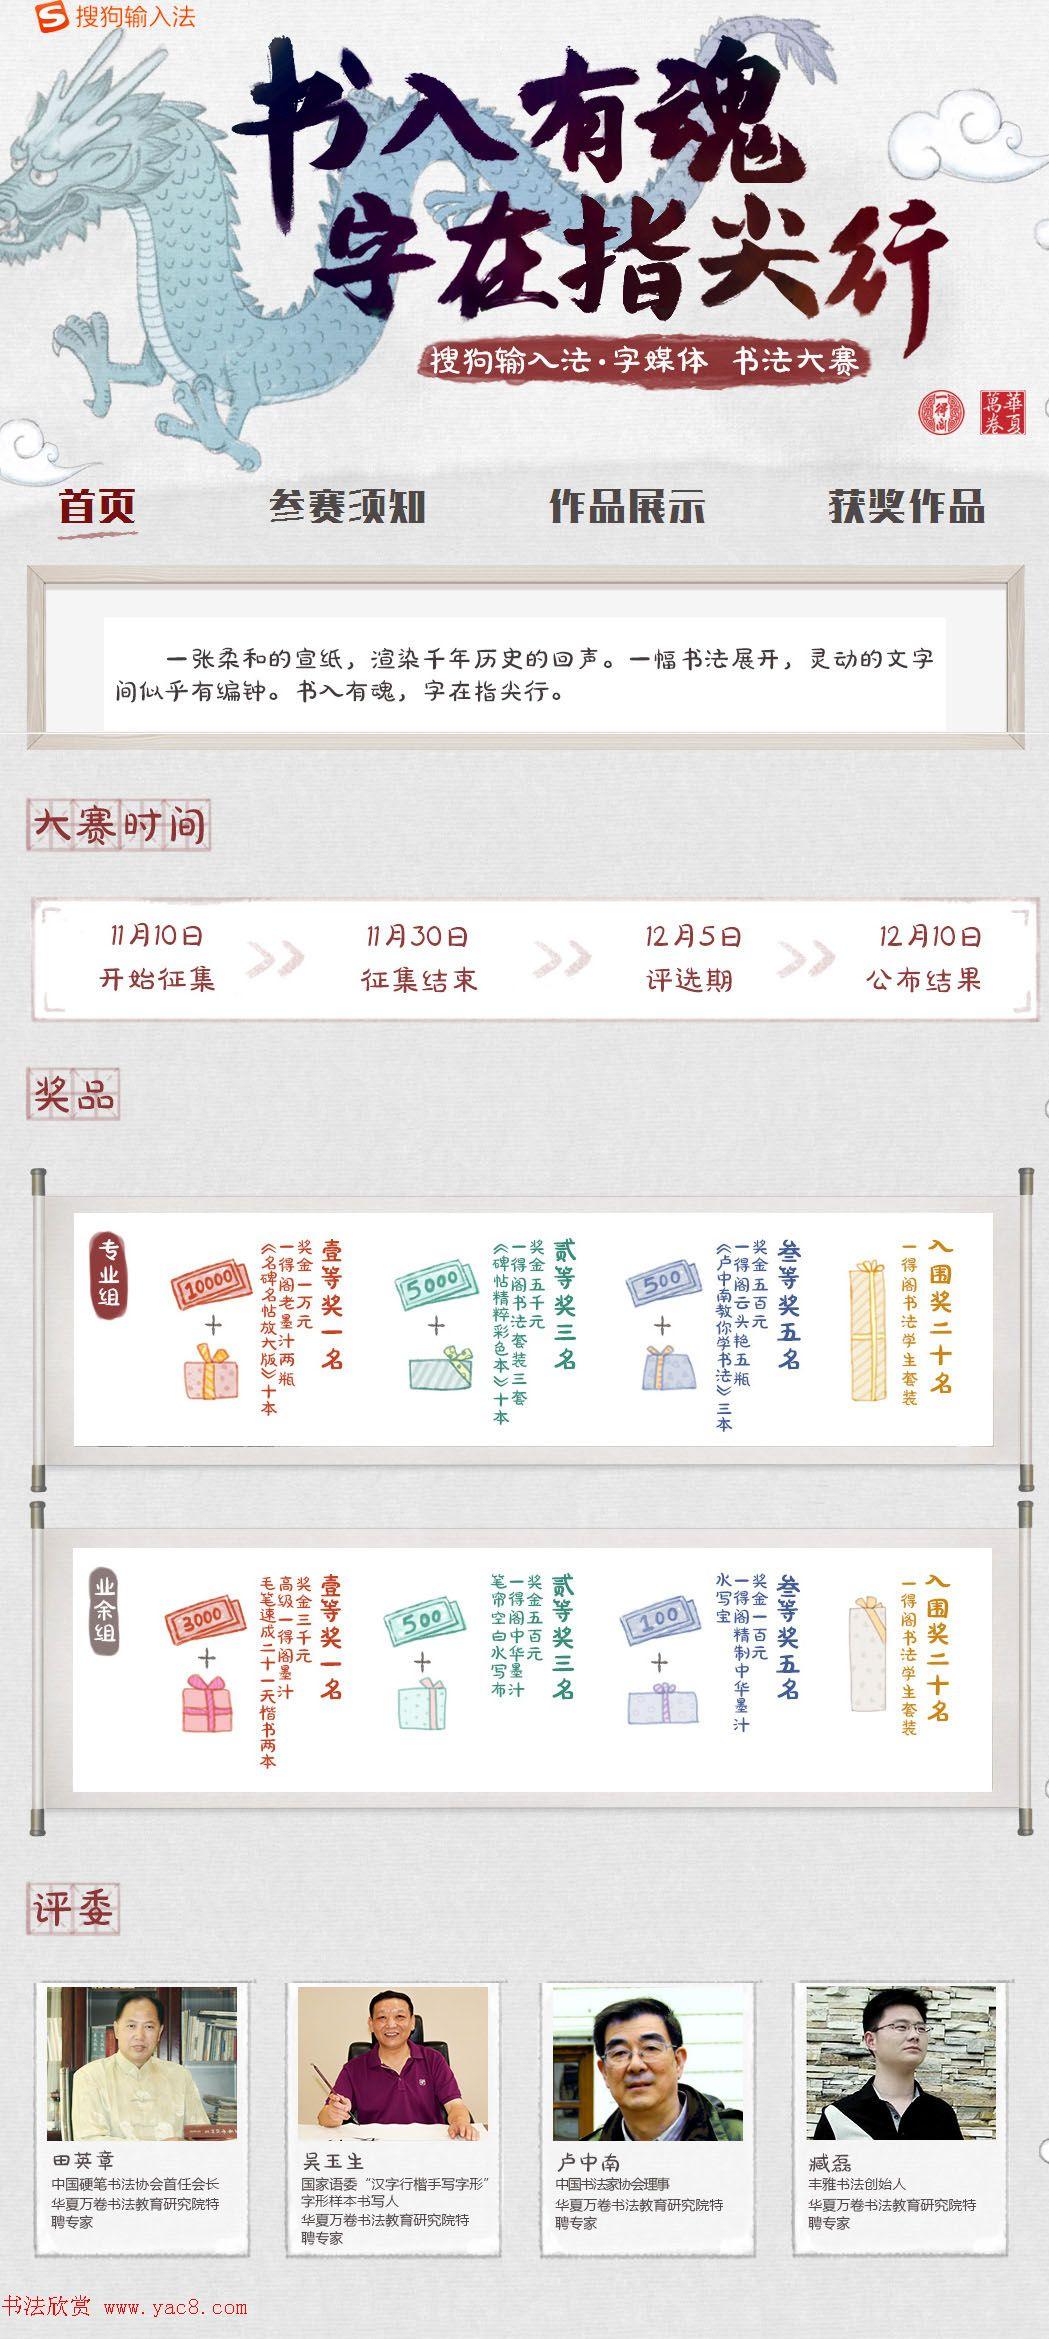 搜狗输入法·字媒体书法大赛征稿